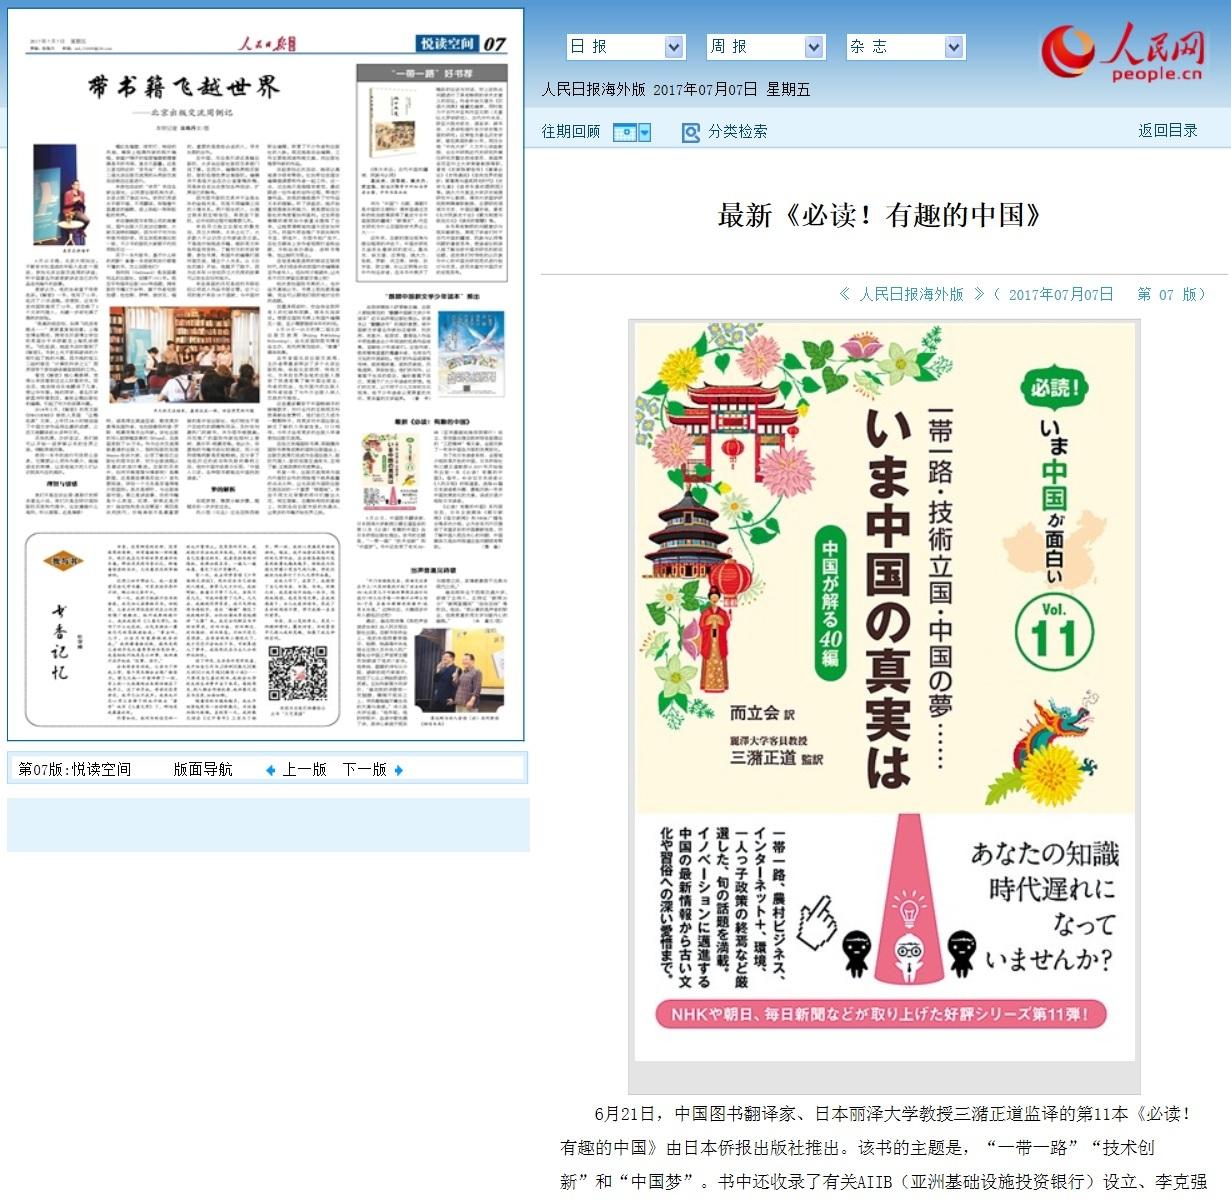 本日の人民日報(海外版)、最新《必读!有趣的中国》を掲載_d0027795_07540781.jpg